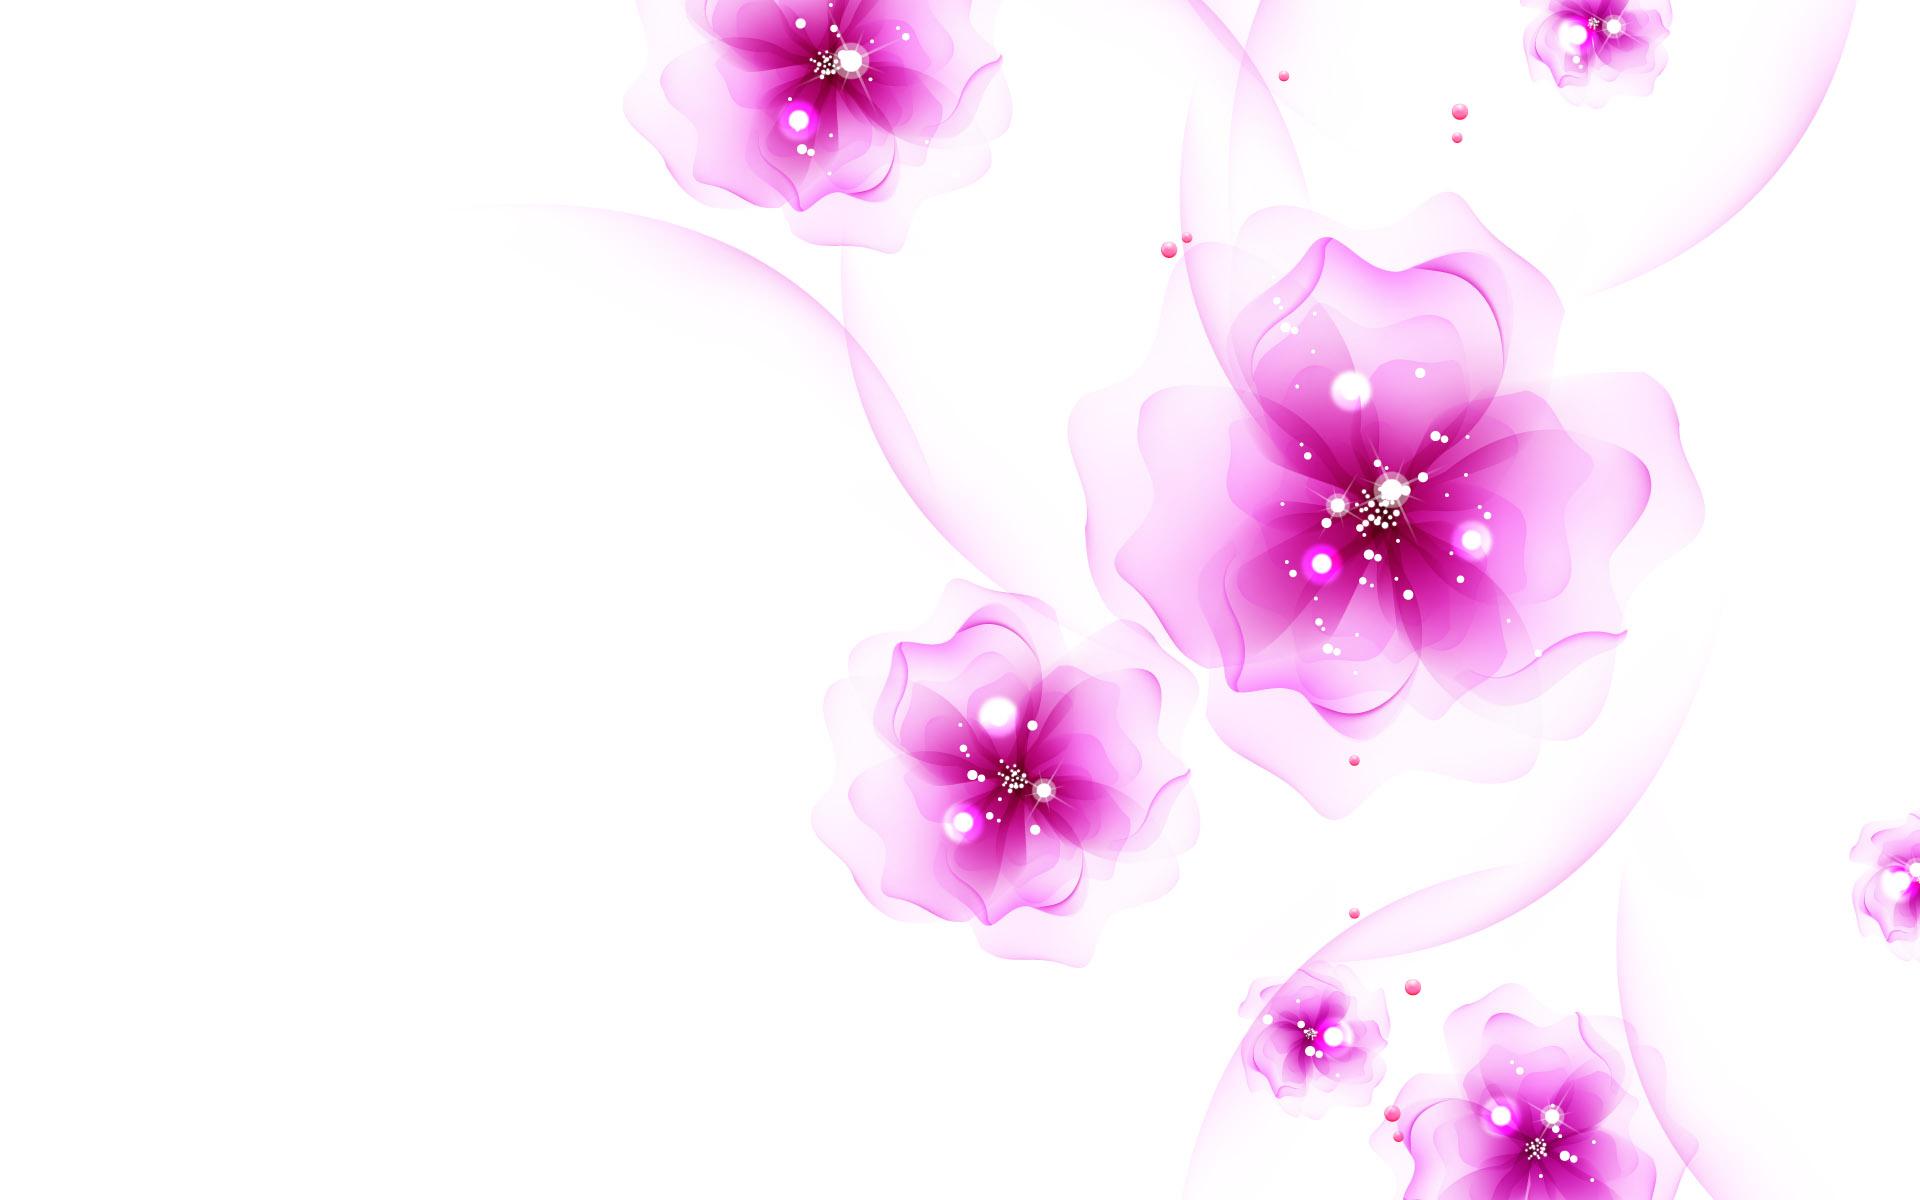 Pink flower background 1377212 -